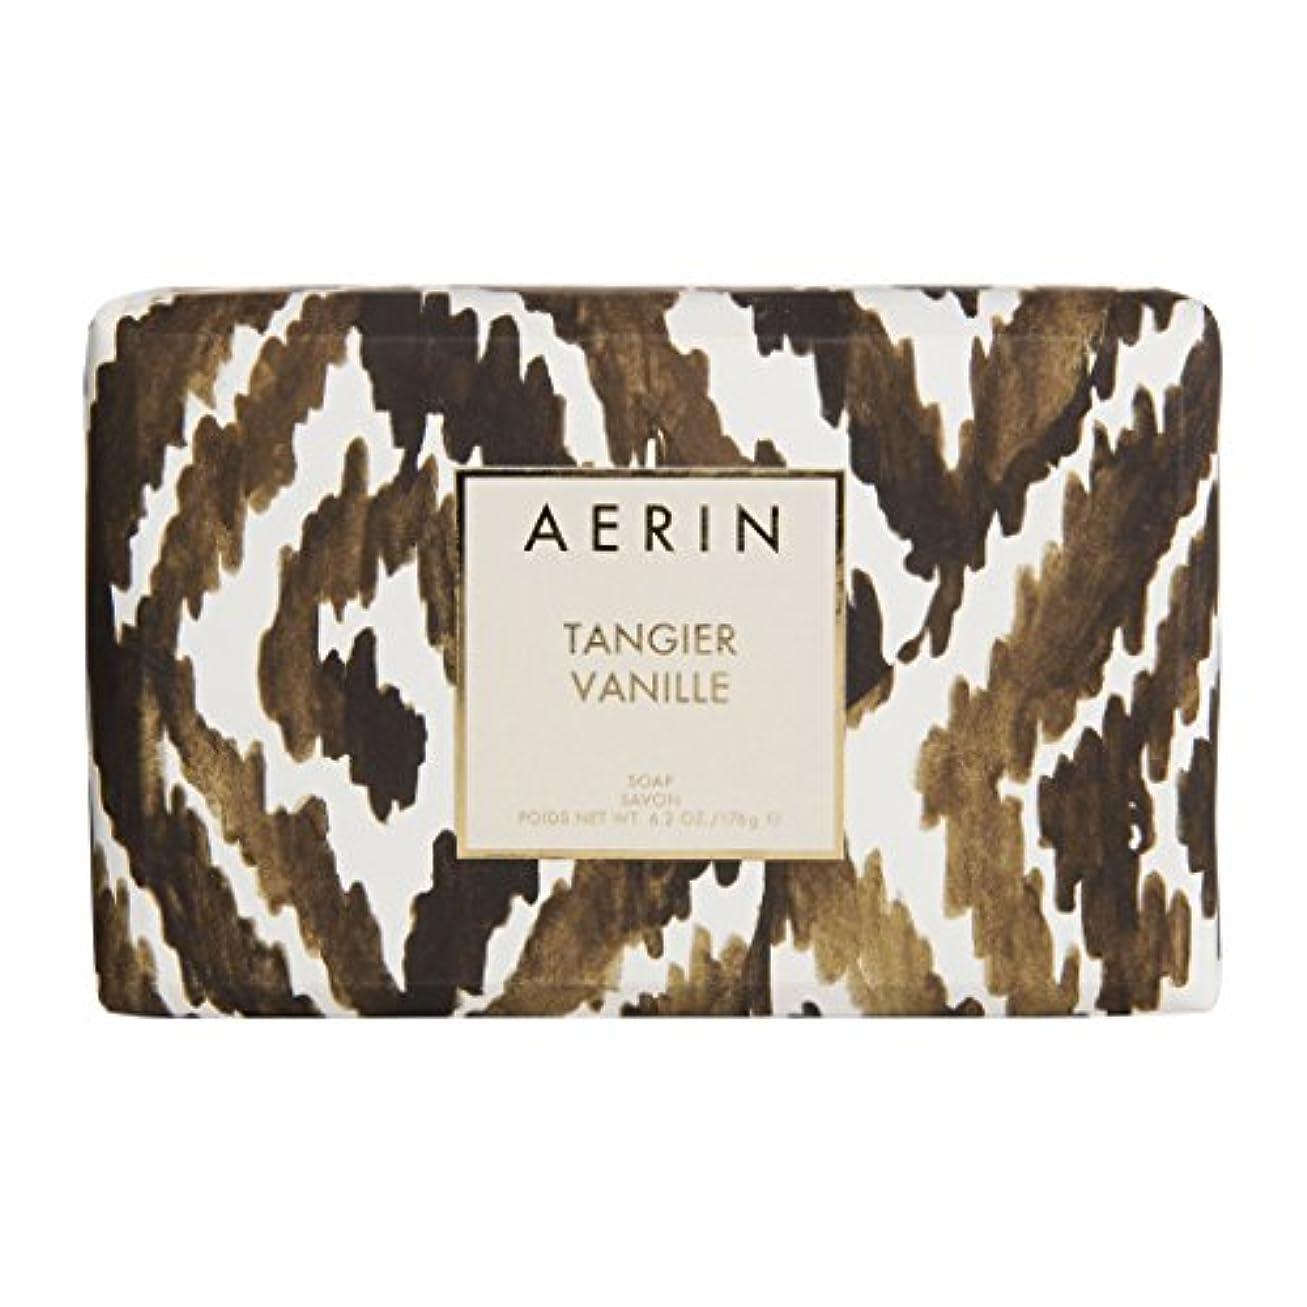 その間貫通する忘れられないAERIN Tangier Vanille (アエリン タンジヤー バニール) 6.2 oz (186ml) Soap 固形石鹸 by Estee Lauder for Women